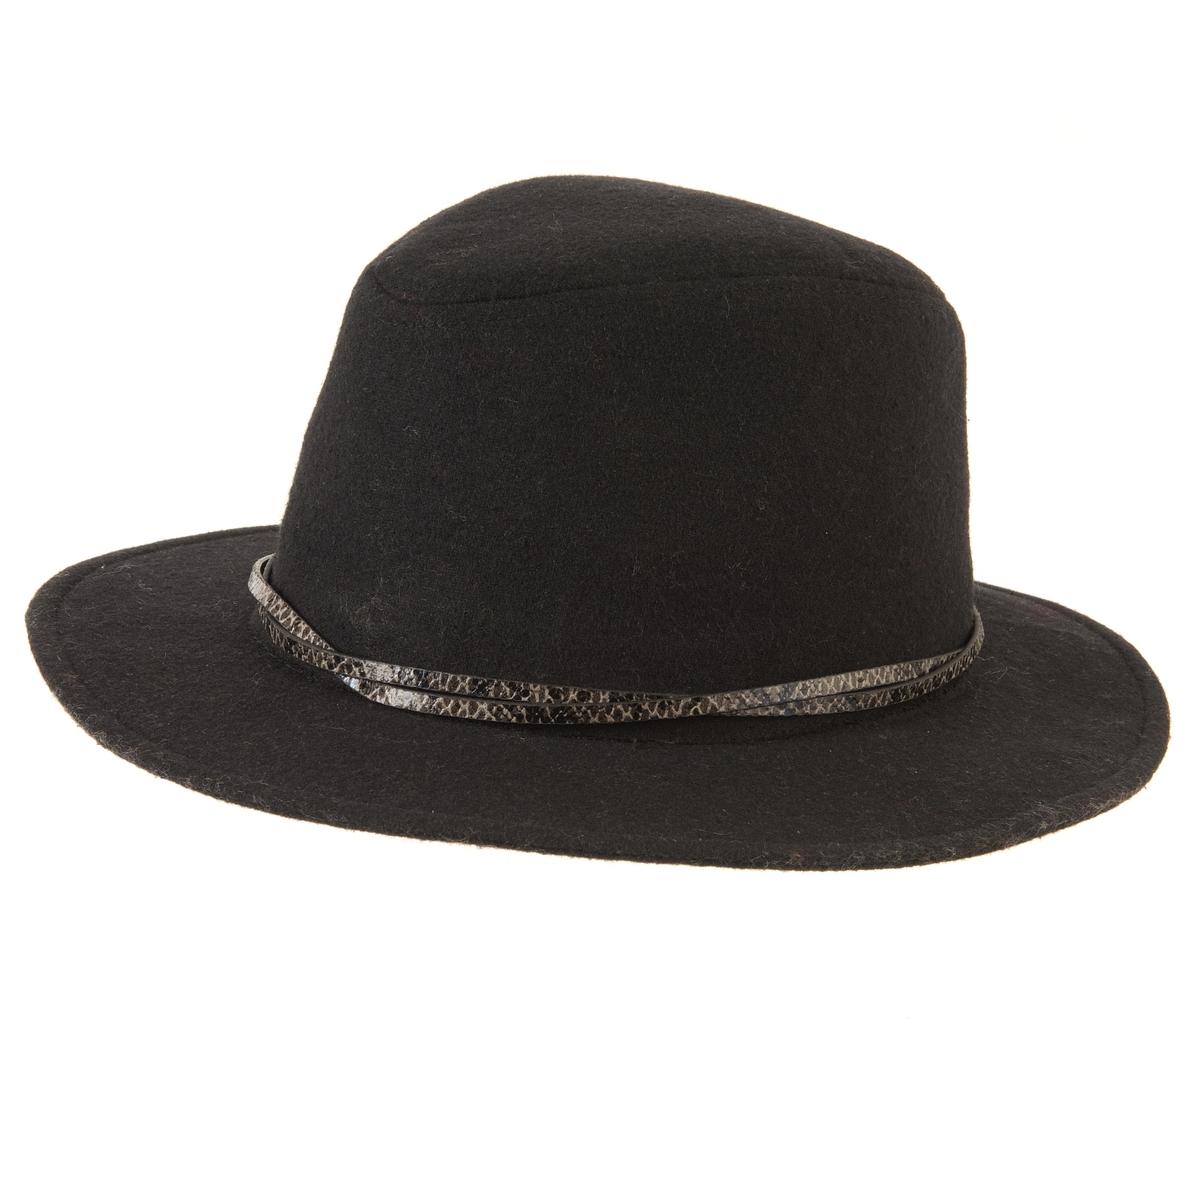 Шляпа FedoraНезаменимый предмет гардероба в этом сезоне, шляпа Fedora -  это сенсация: модная шляпа, подчеркивающая и придающая великолепие Вашему лицу. Состав и описание Материал: 100% фланель. Размеры:  единый Уход : Следуйте рекомендациям по уходу, указанным на этикетке изделия.<br><br>Цвет: черный